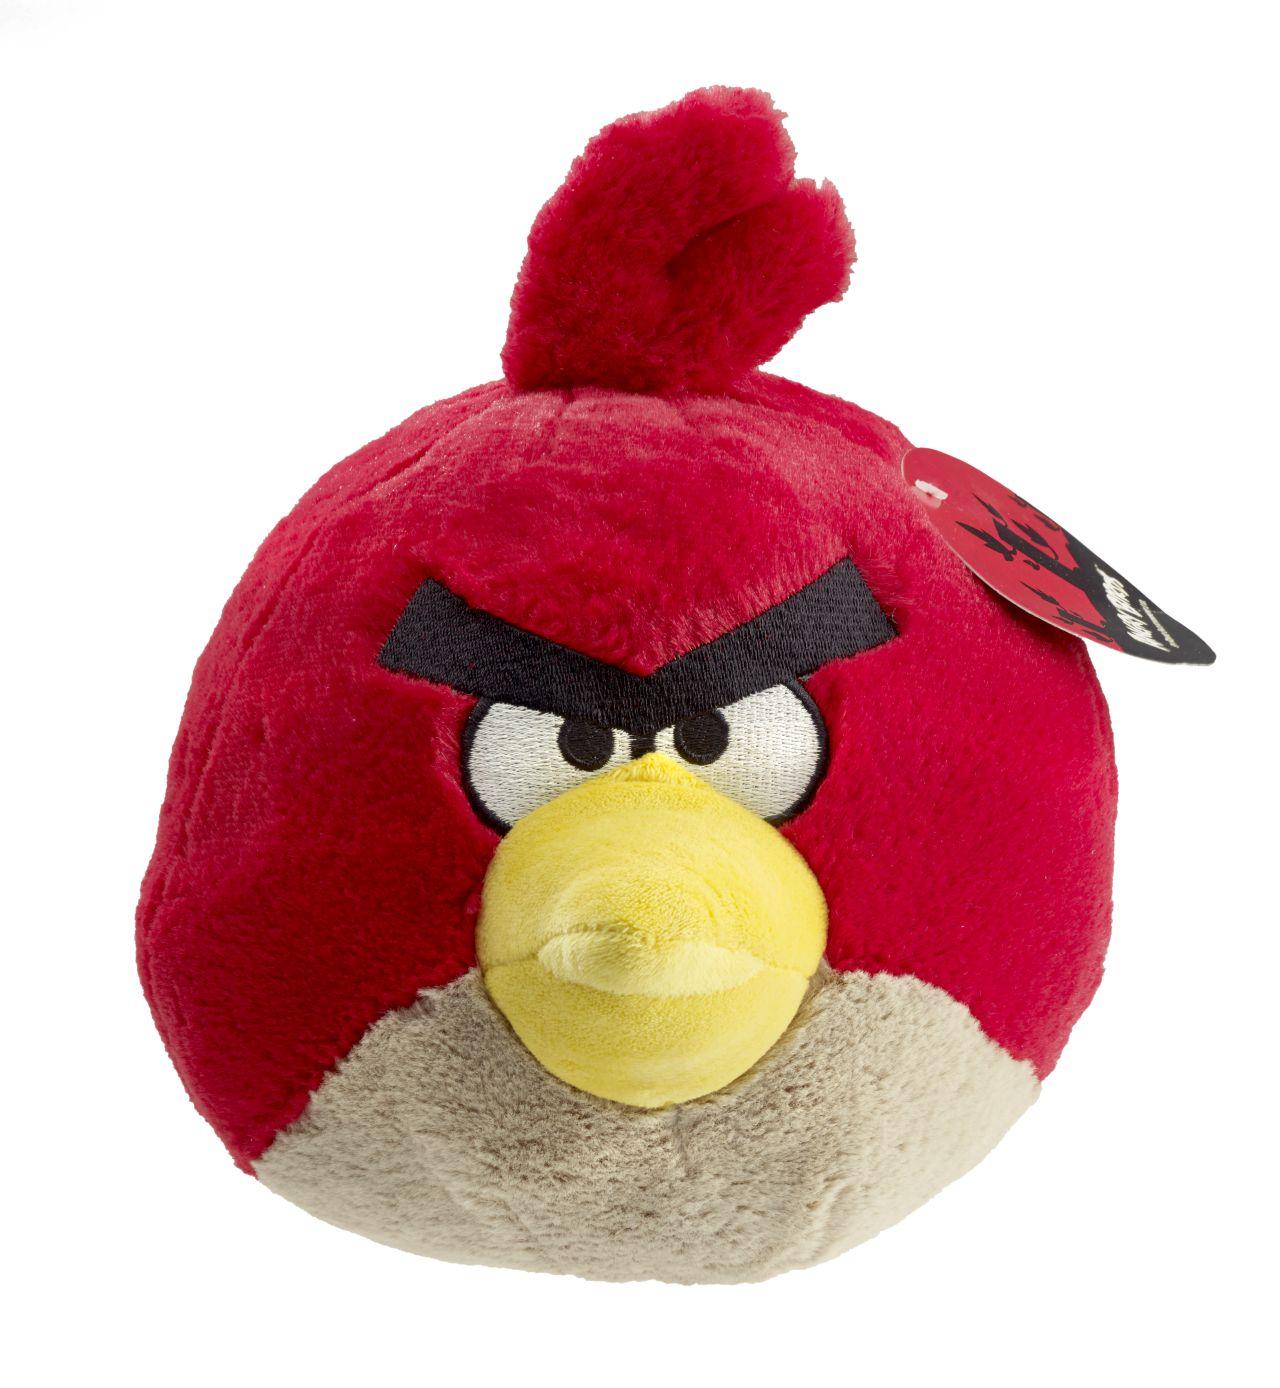 lemo objekt pl schfigur angry bird. Black Bedroom Furniture Sets. Home Design Ideas